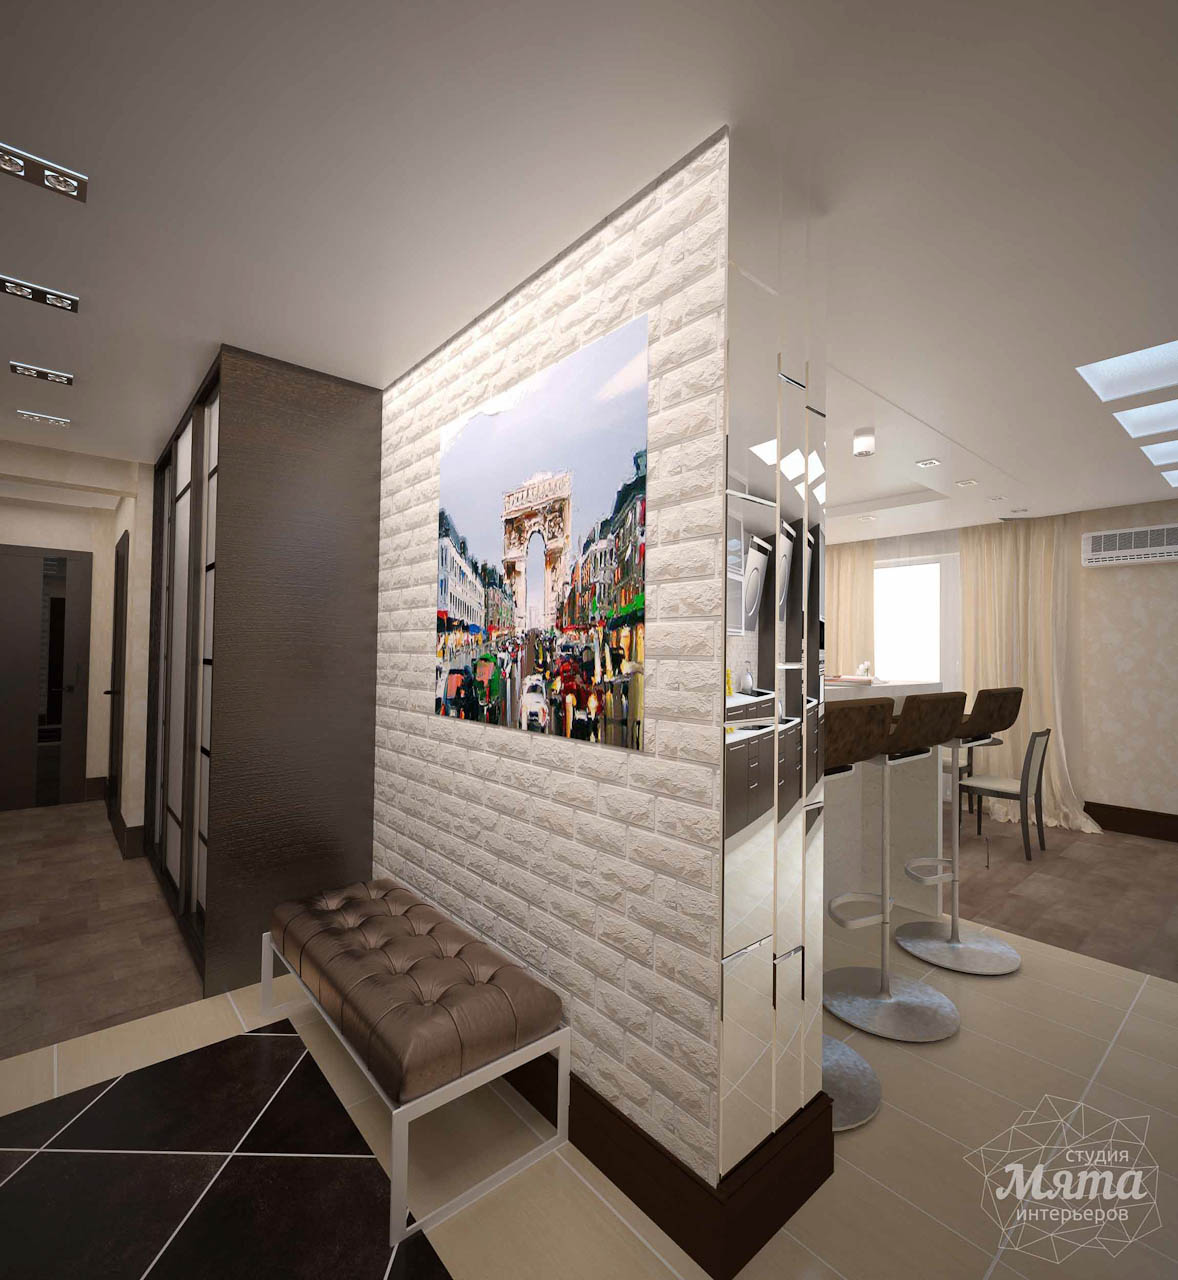 Дизайн интерьера трехкомнатной квартиры по ул. Белинского 222 img627587930